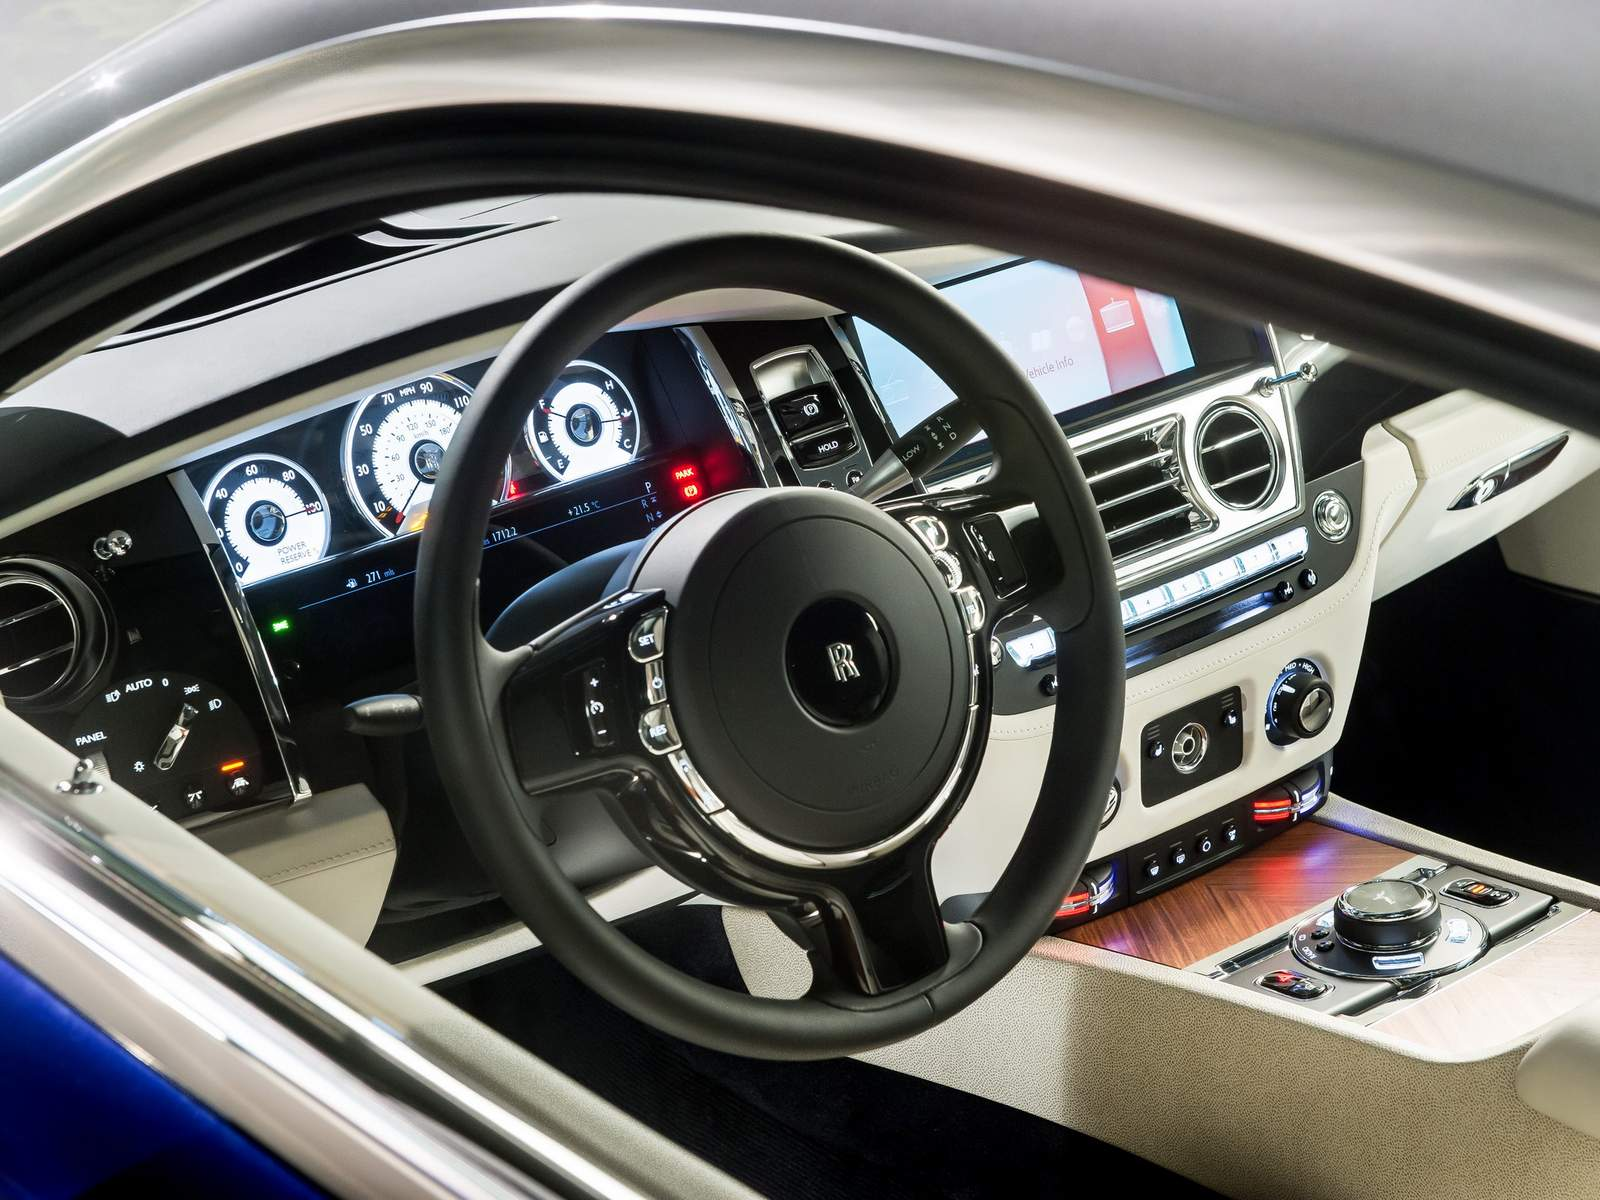 interessado em um wraith melhor esperar pois ter facelift car blog br. Black Bedroom Furniture Sets. Home Design Ideas